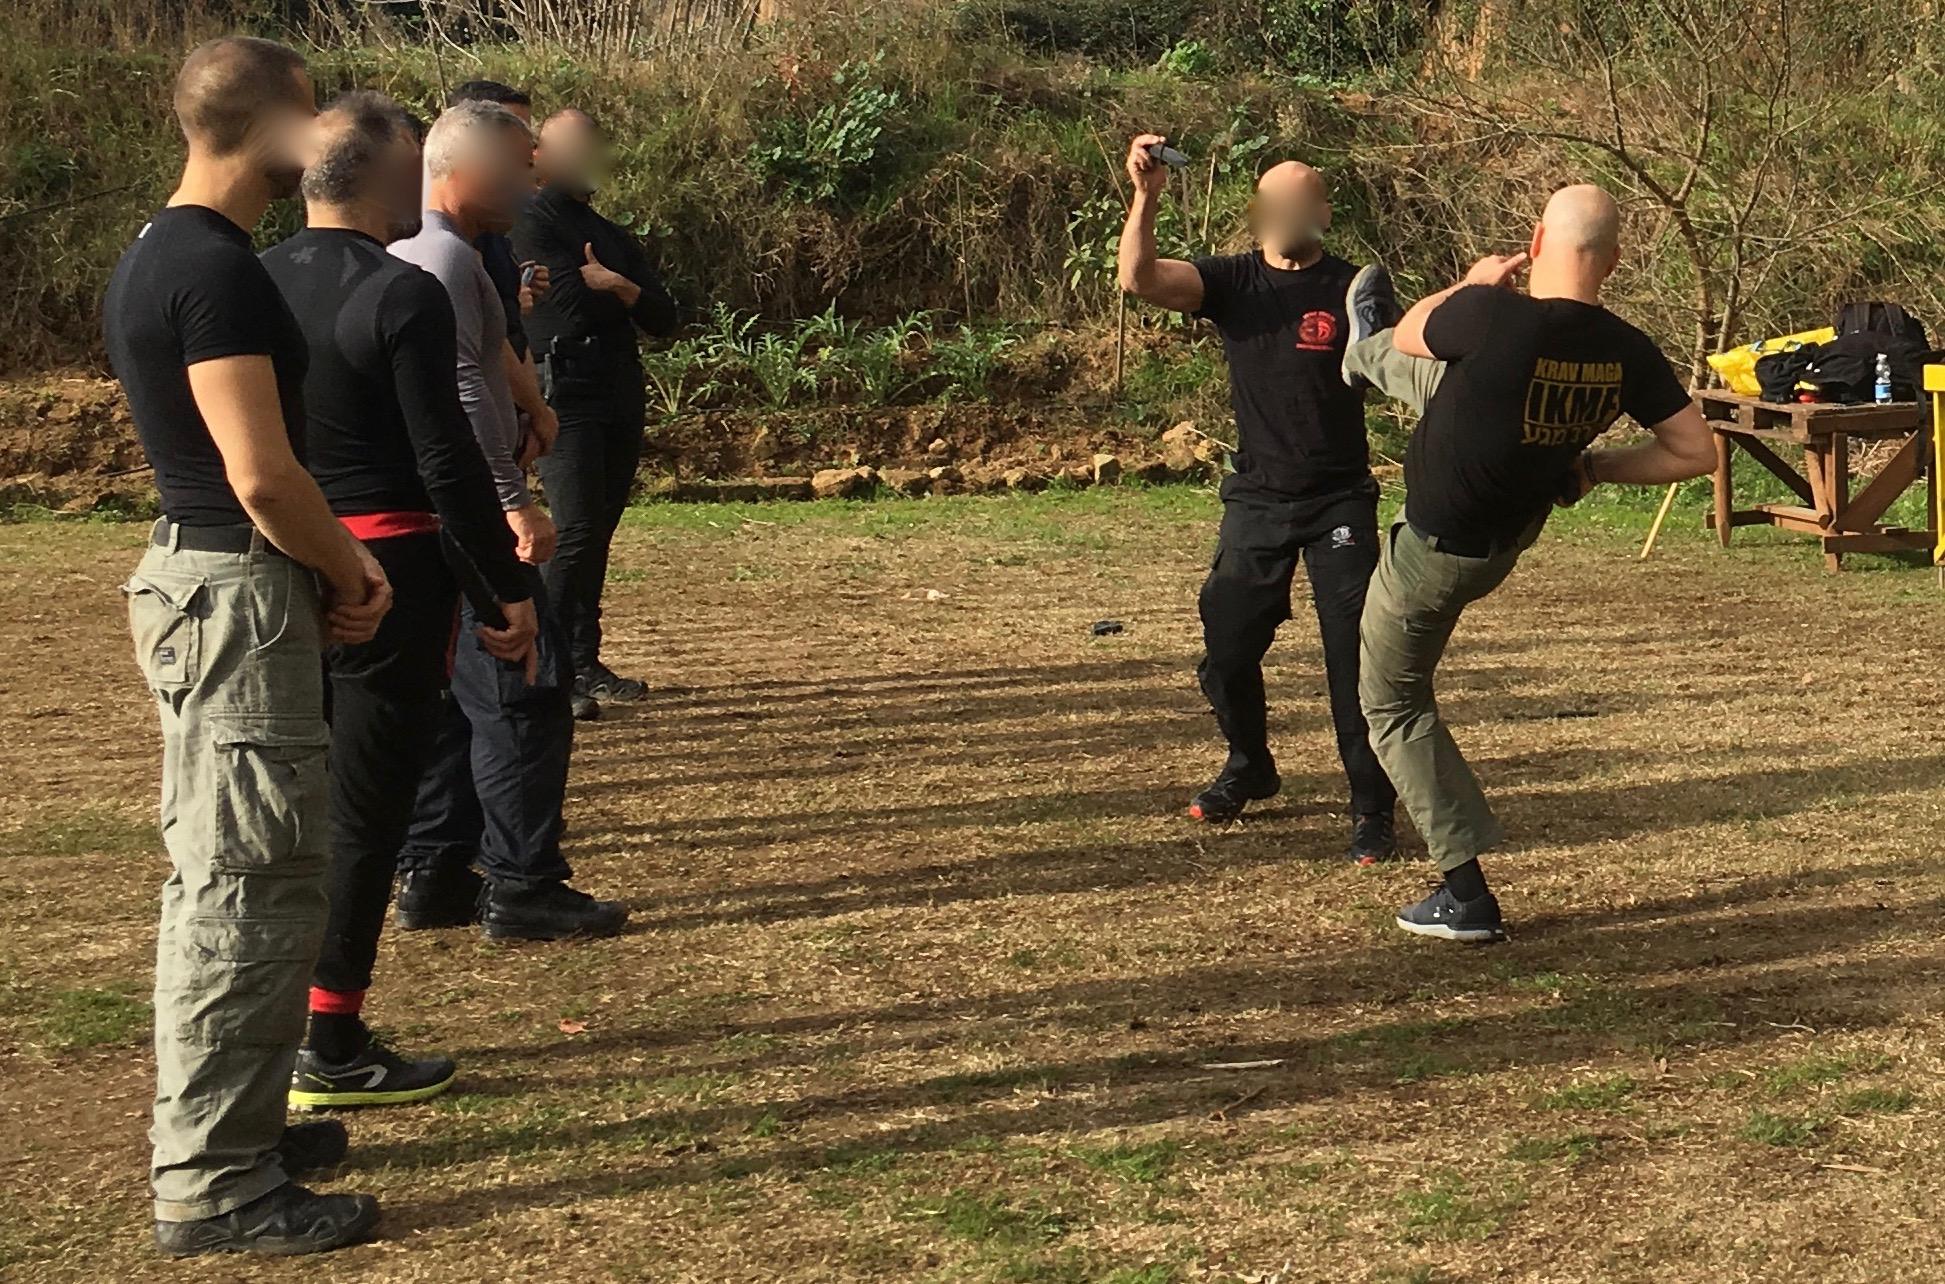 IKMF Krav Maga training Carabinieri API 2018